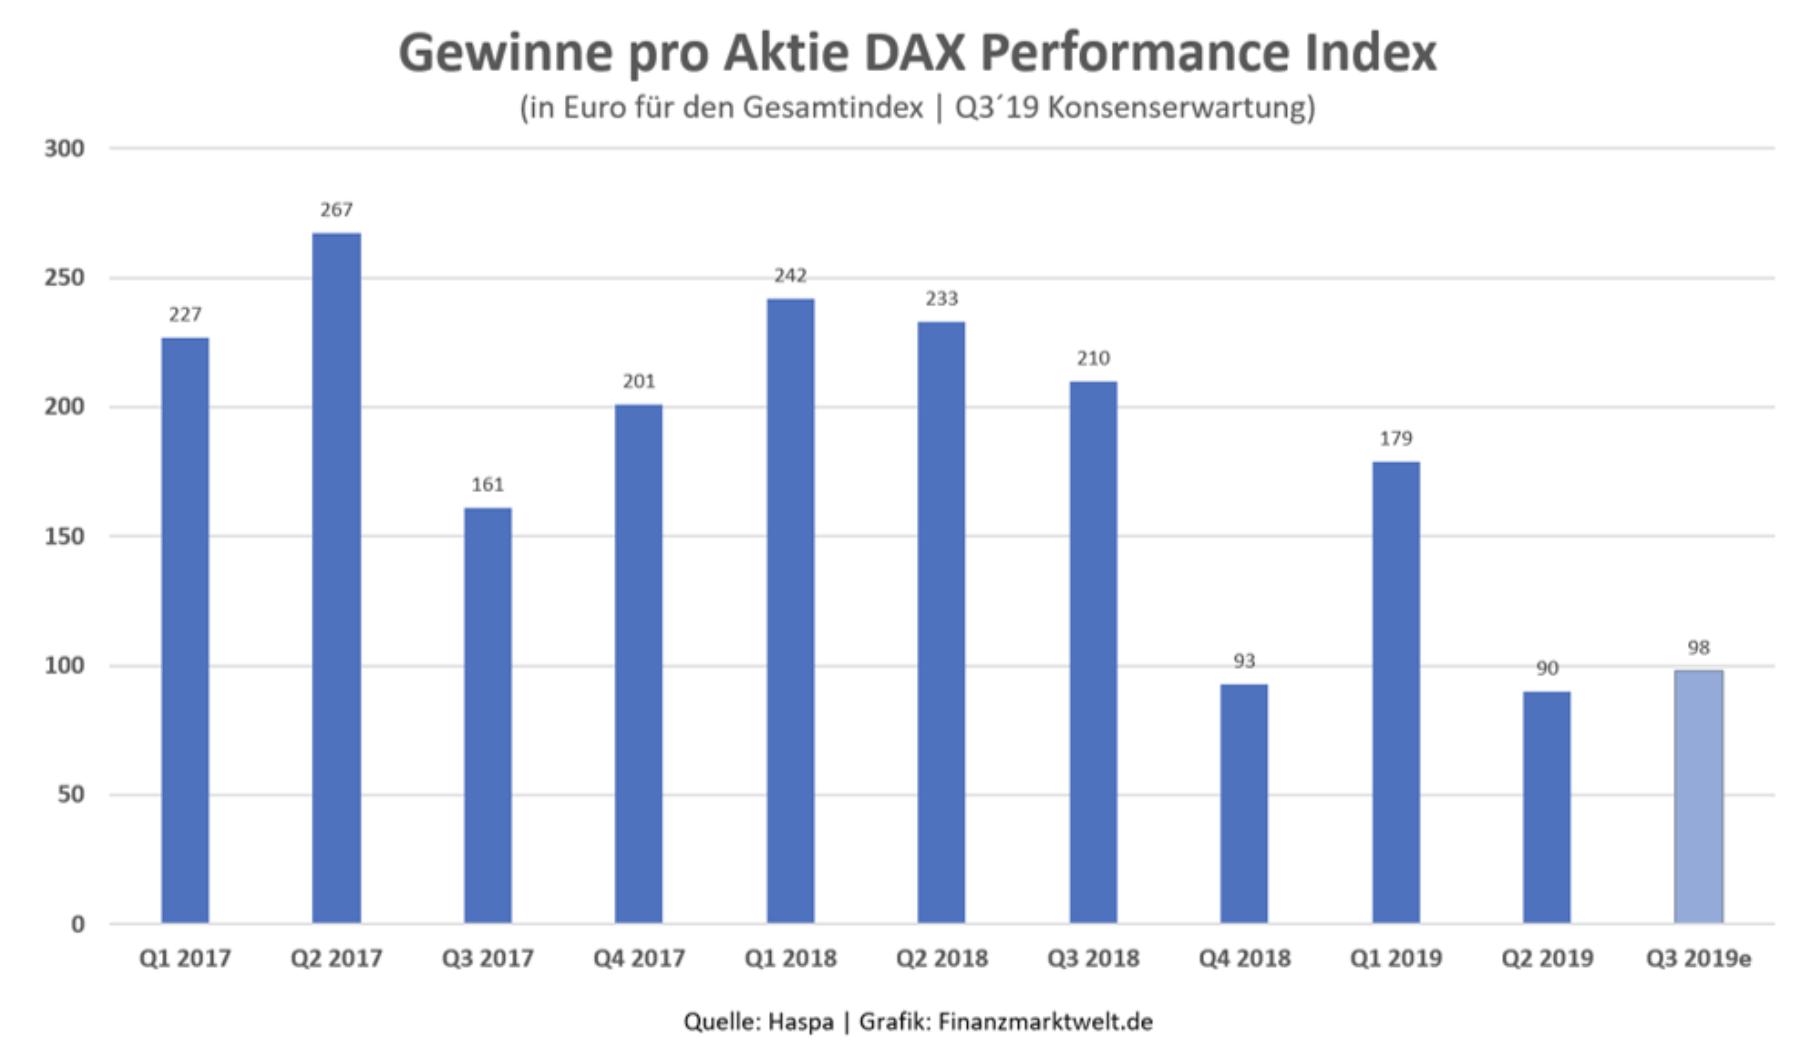 Dax Gewinne pro Aktie